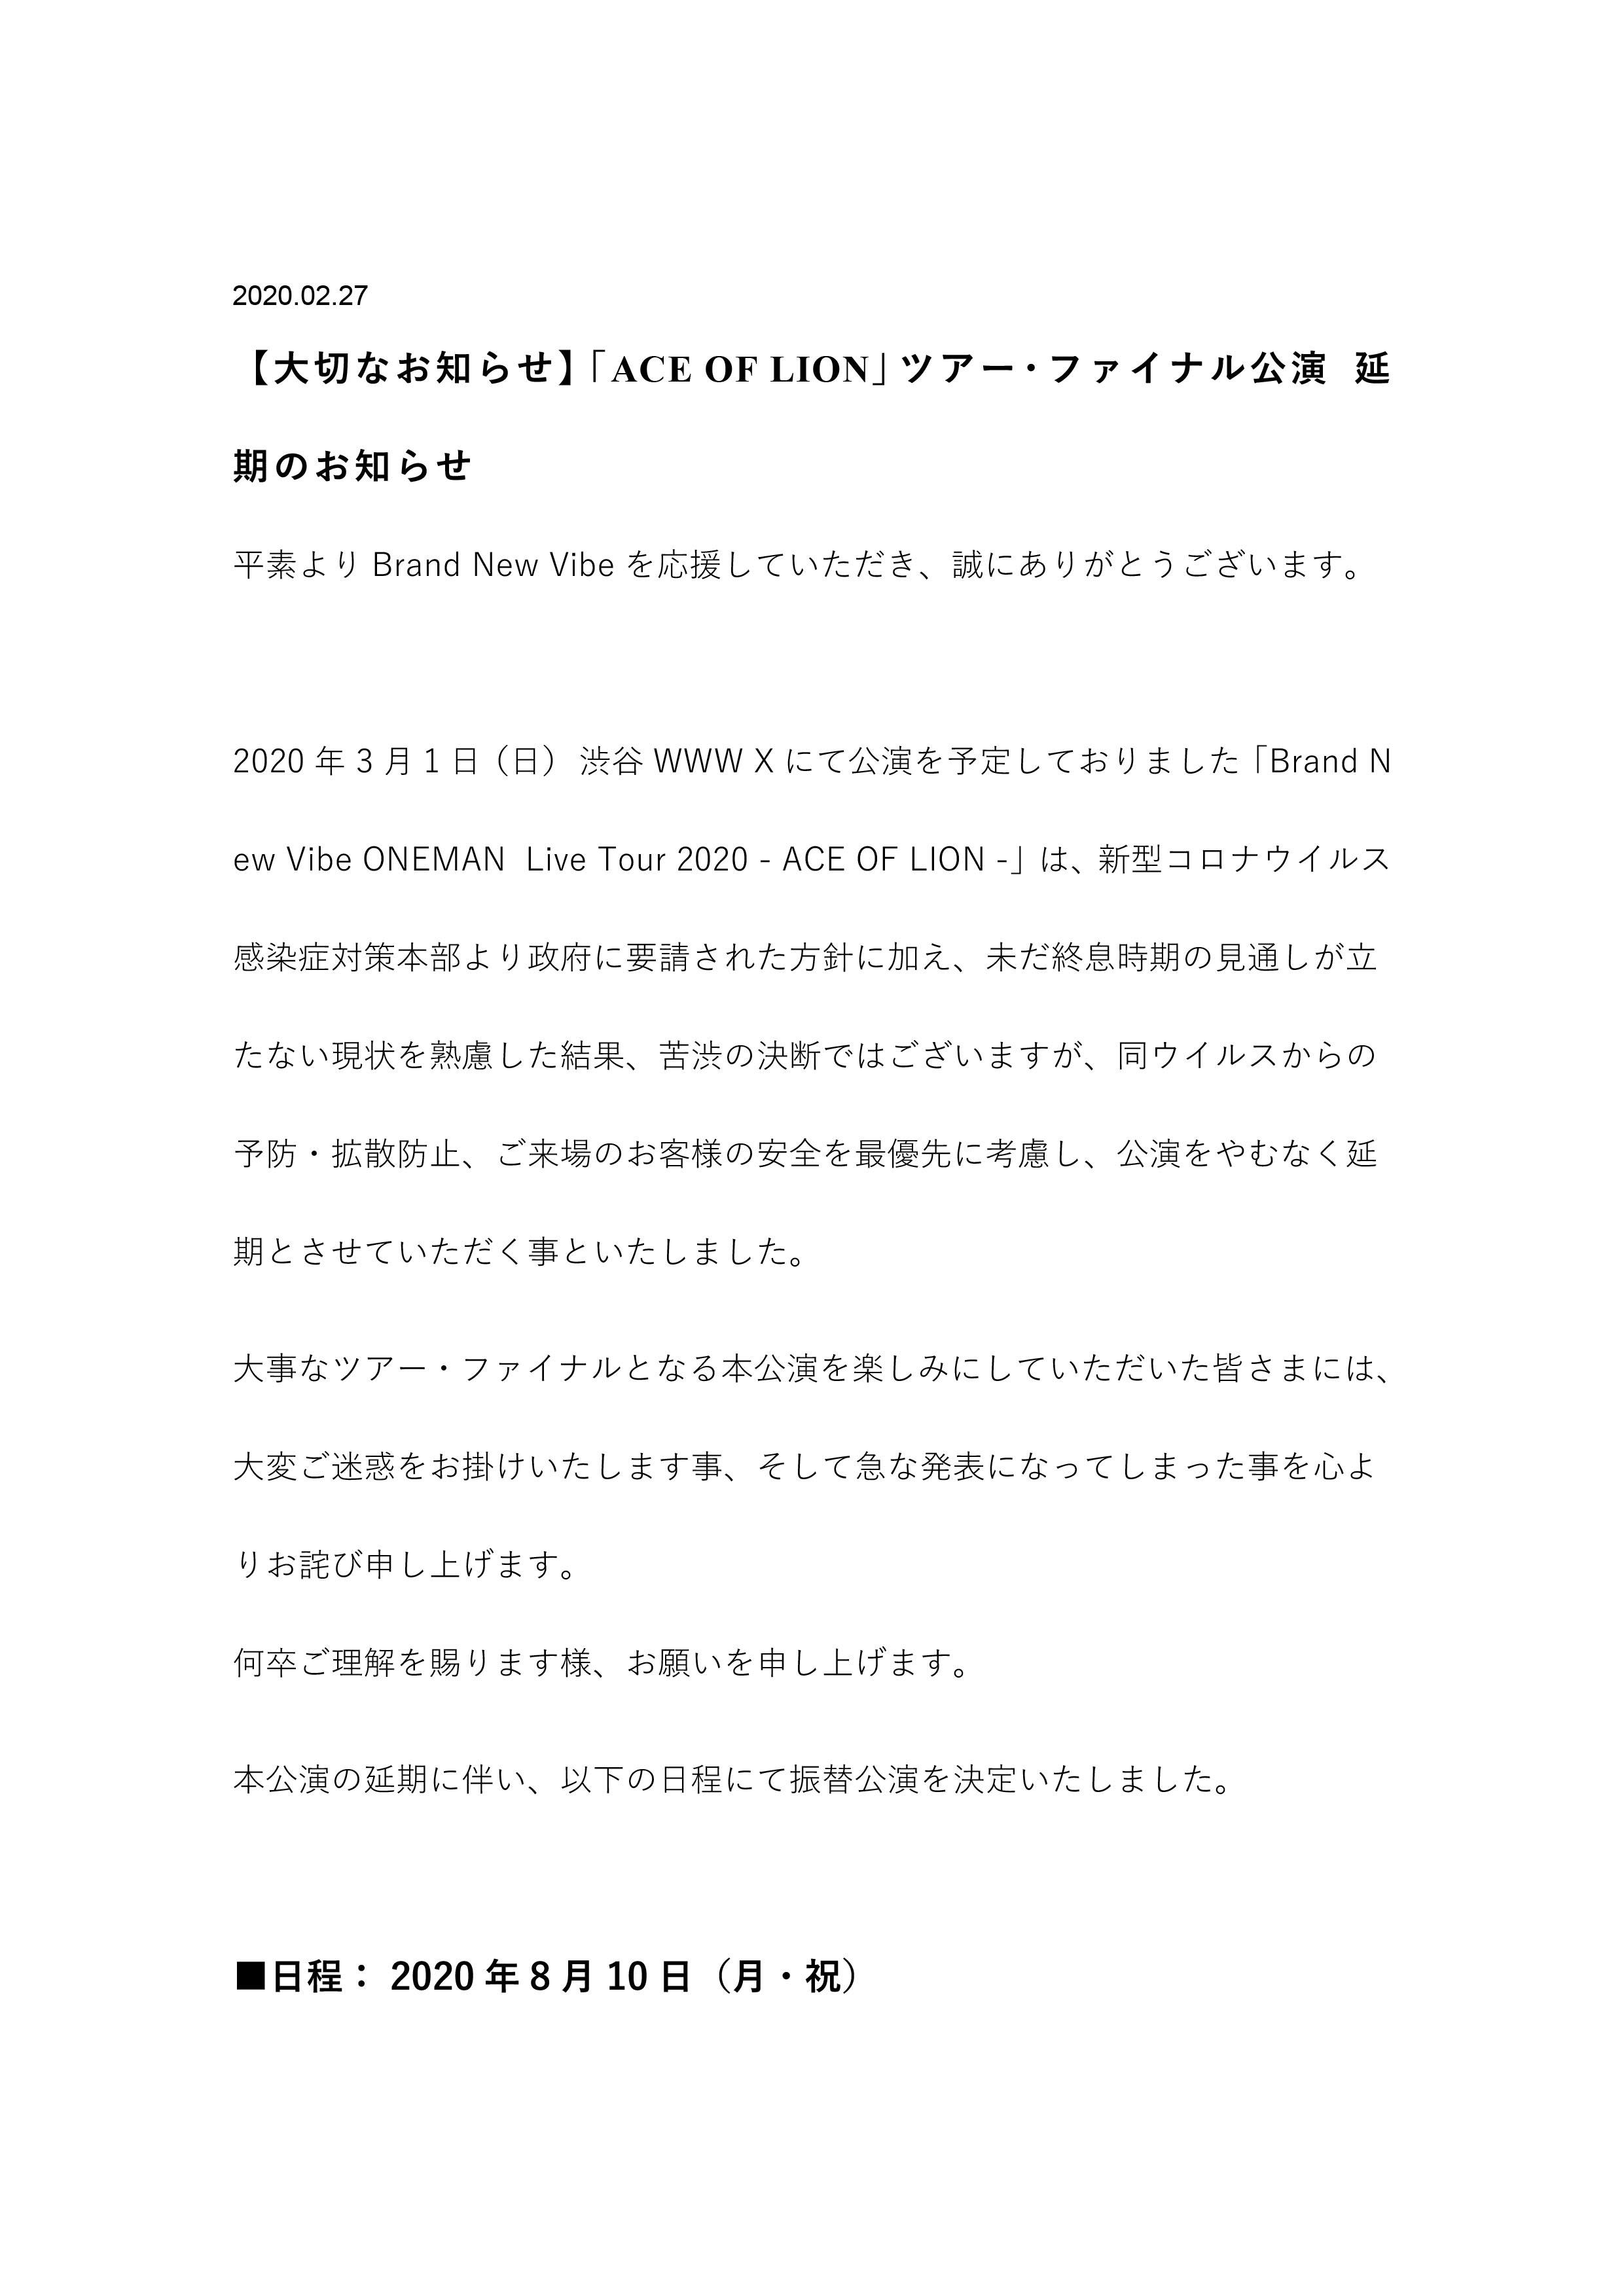 【公演延期】 Brand New Vibe 3.1@WWW X-1.jpg